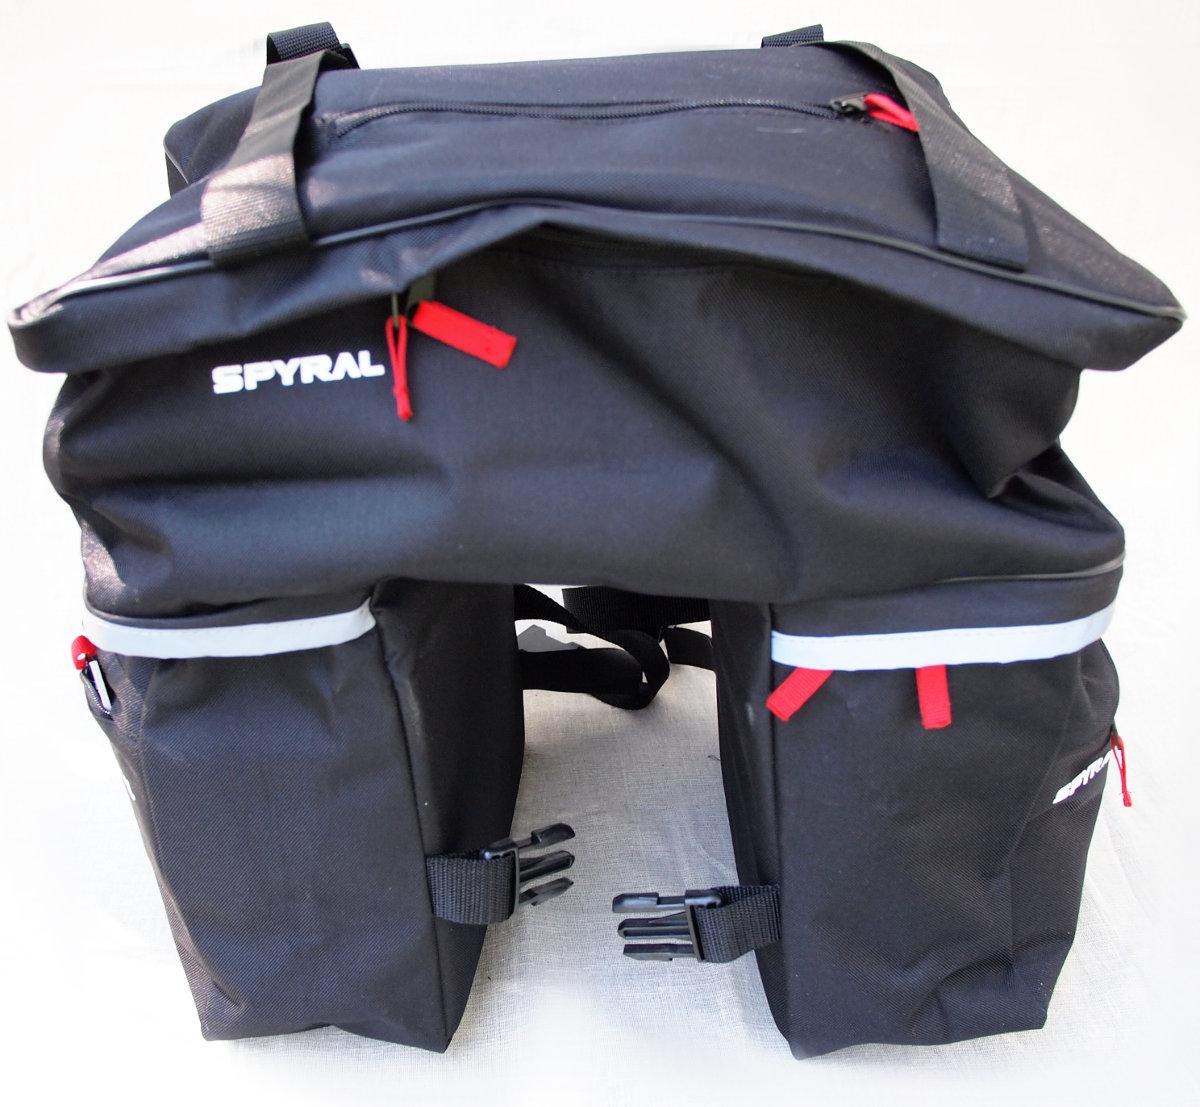 Vízálló kialakítás, erős anyag, cipzárak - mit nyújthat még egy táska, főleg ilyen alacsony áron?